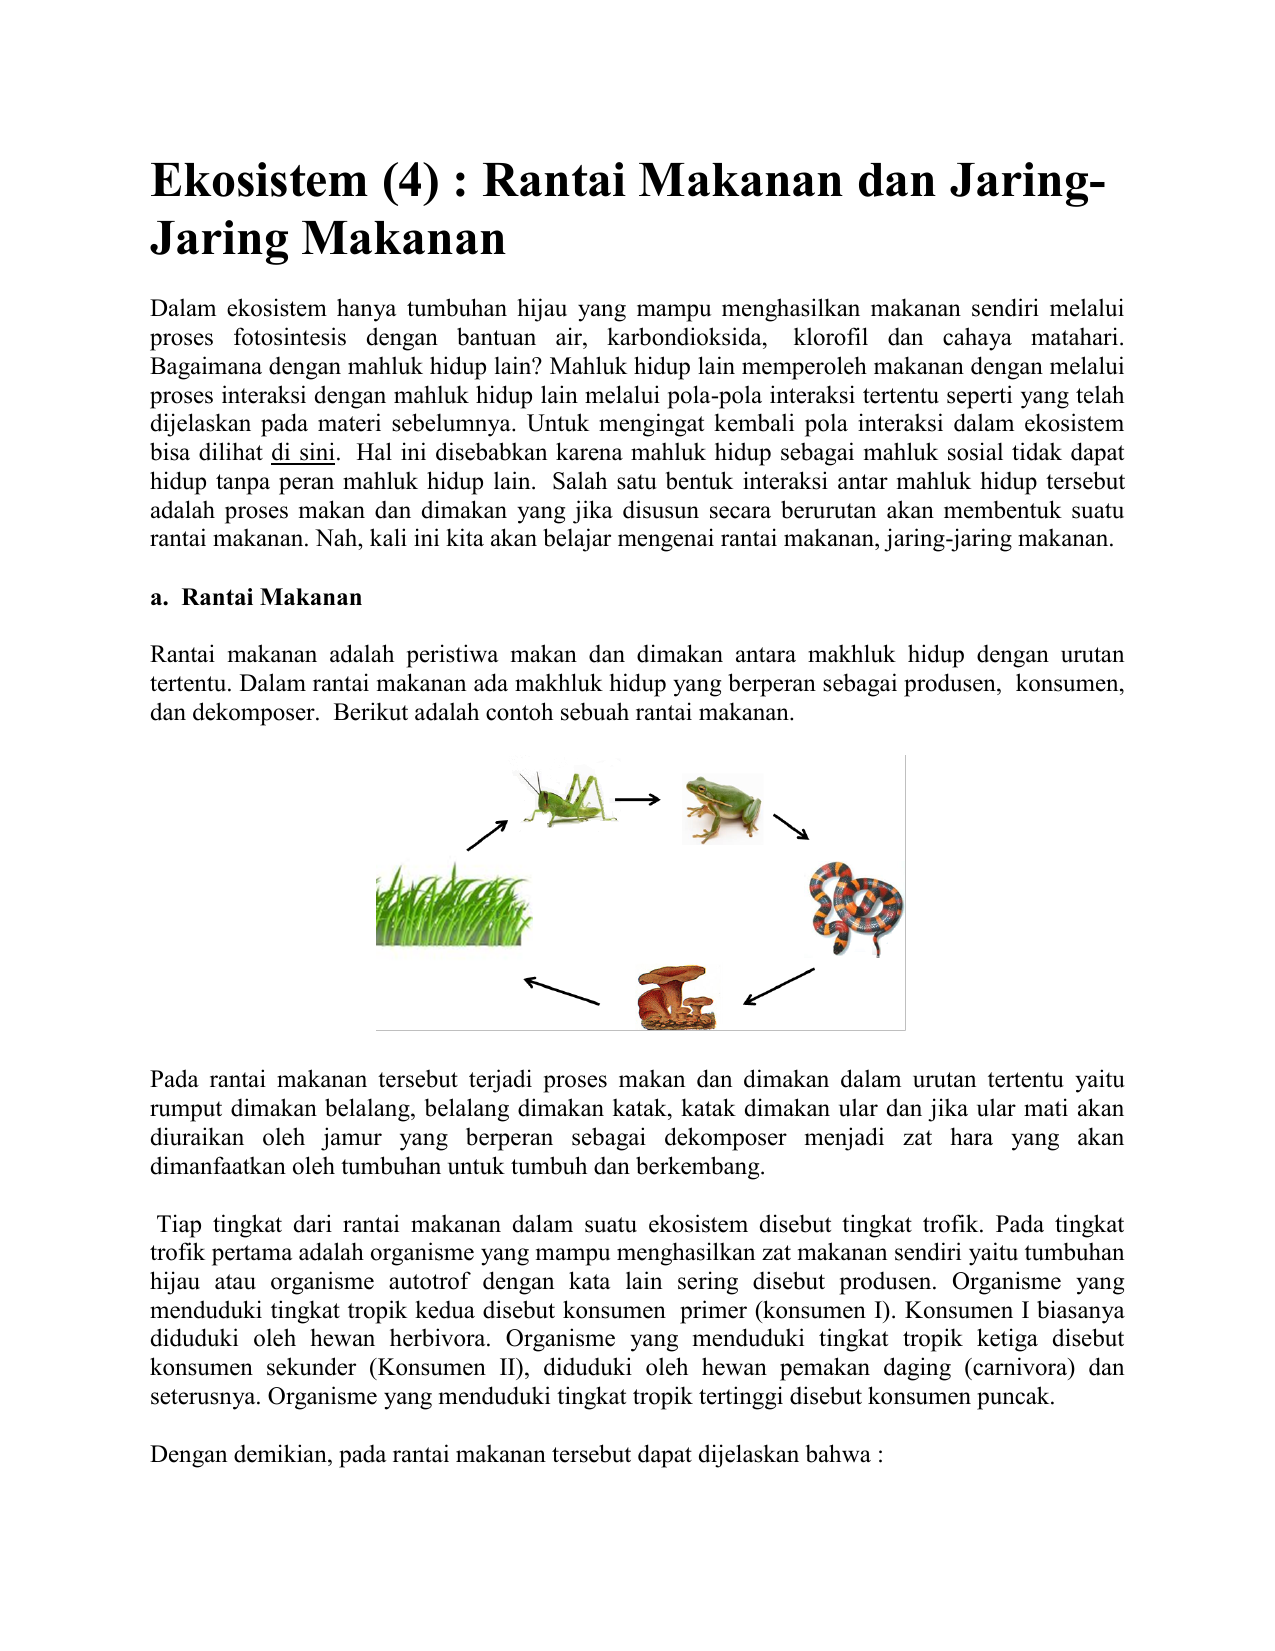 Ekosistem 4 Rantai Makanan Dan Jaring Jaring